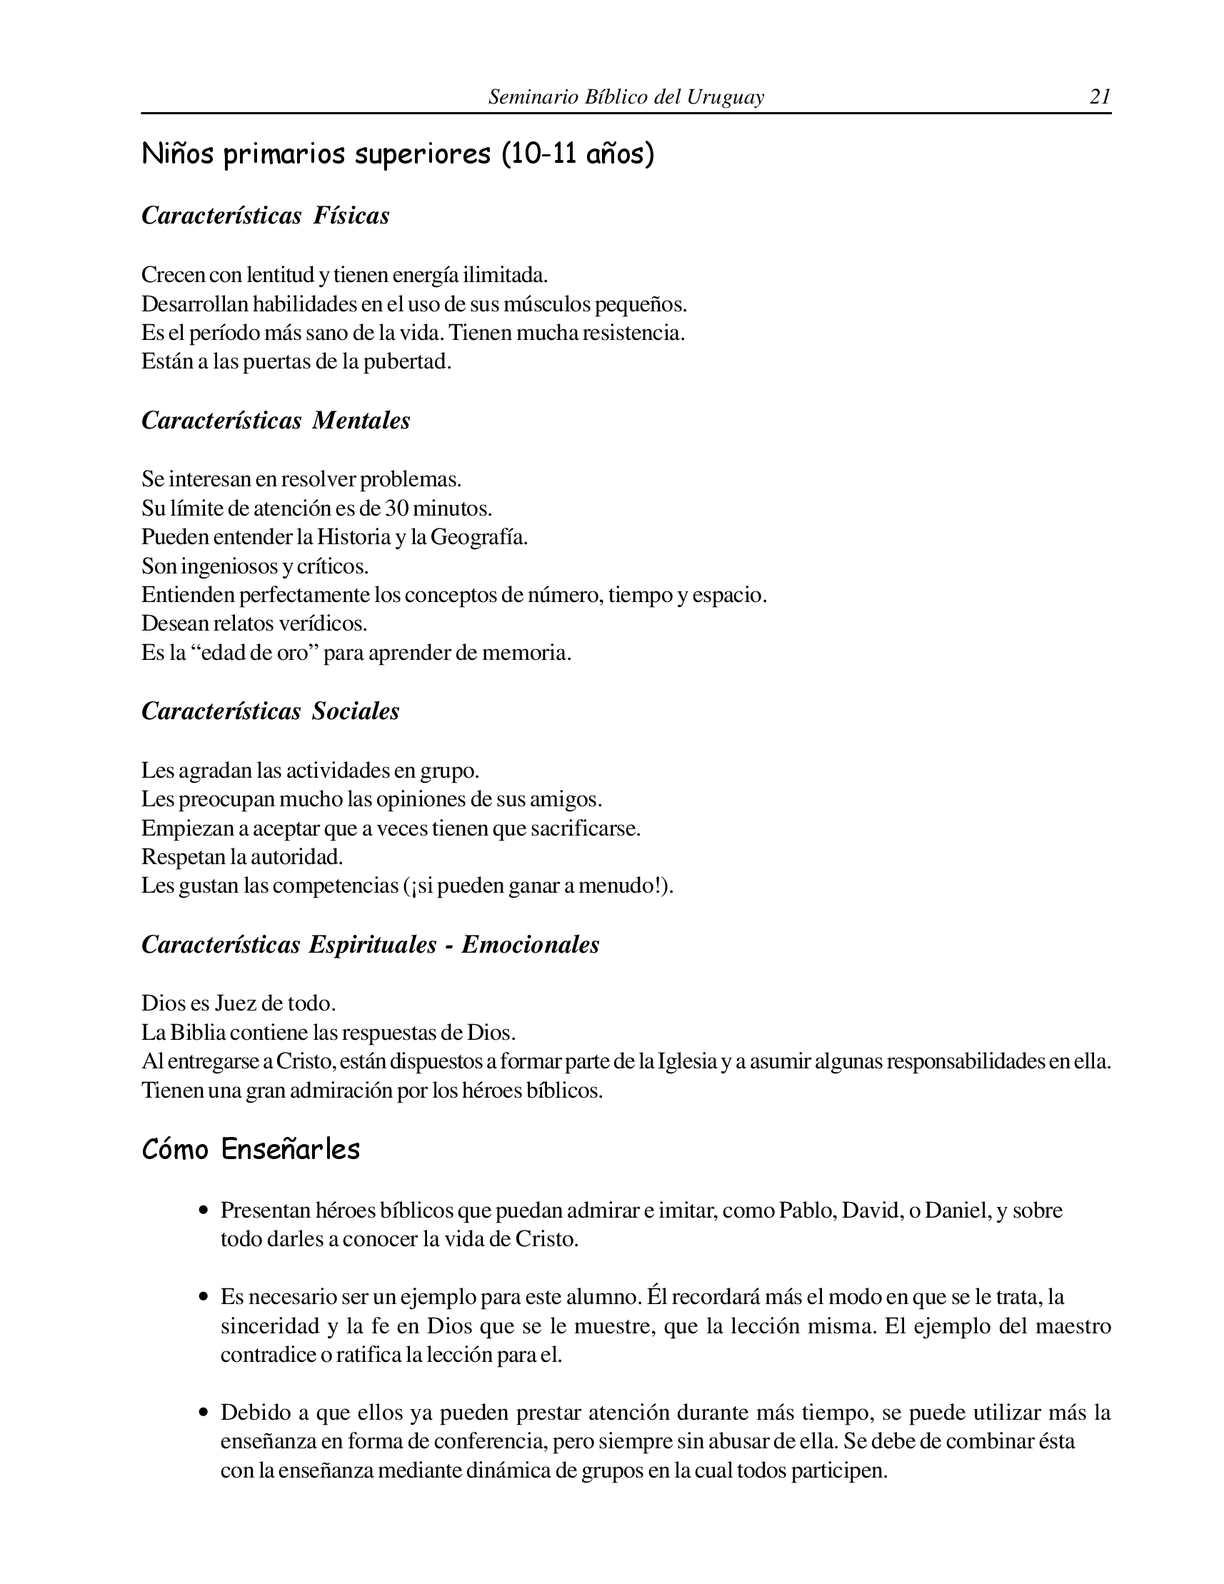 Hermosa Resumir Maestro De Resumen Profesional Colección - Ejemplo ...